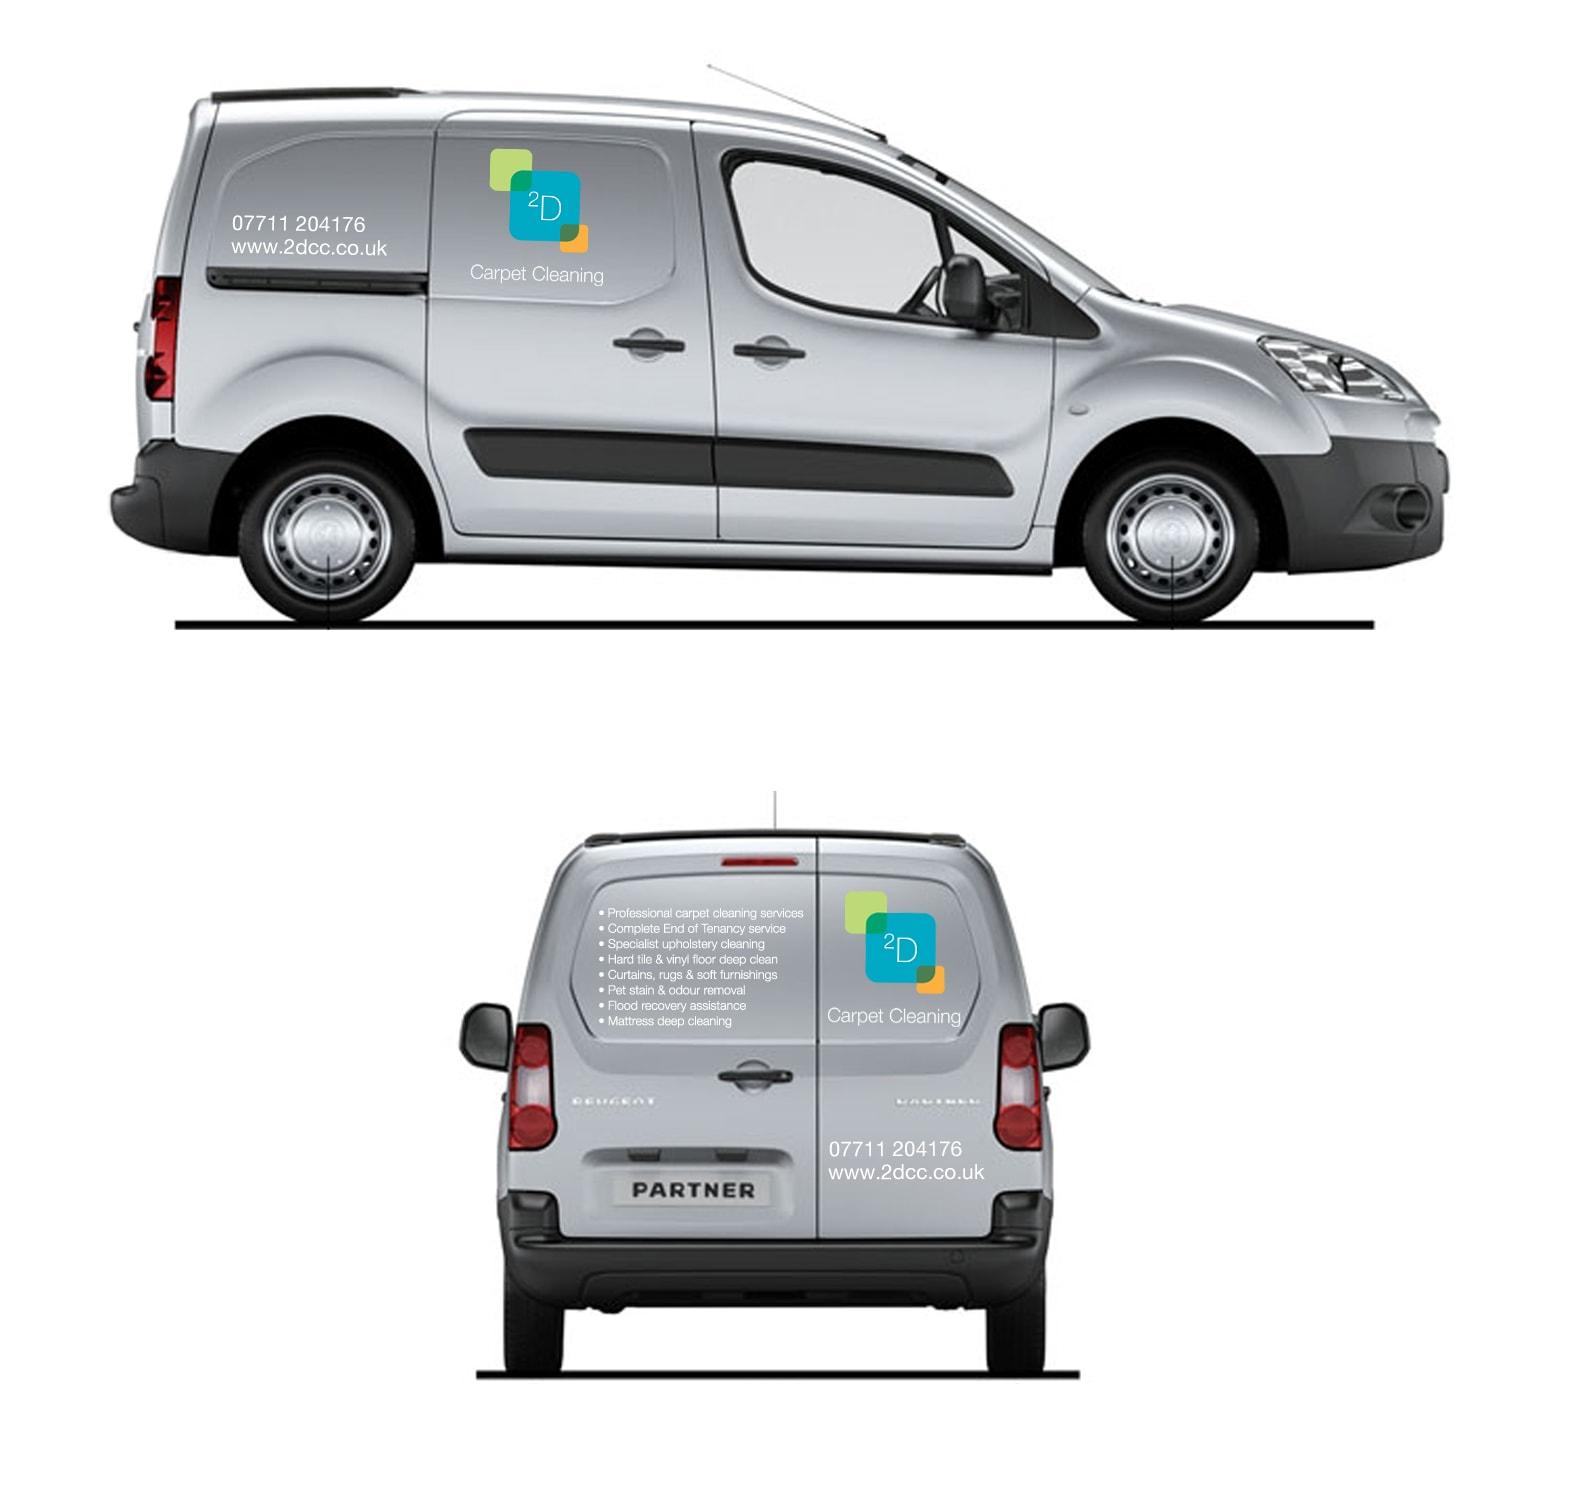 2DCC Brand Identity on Van